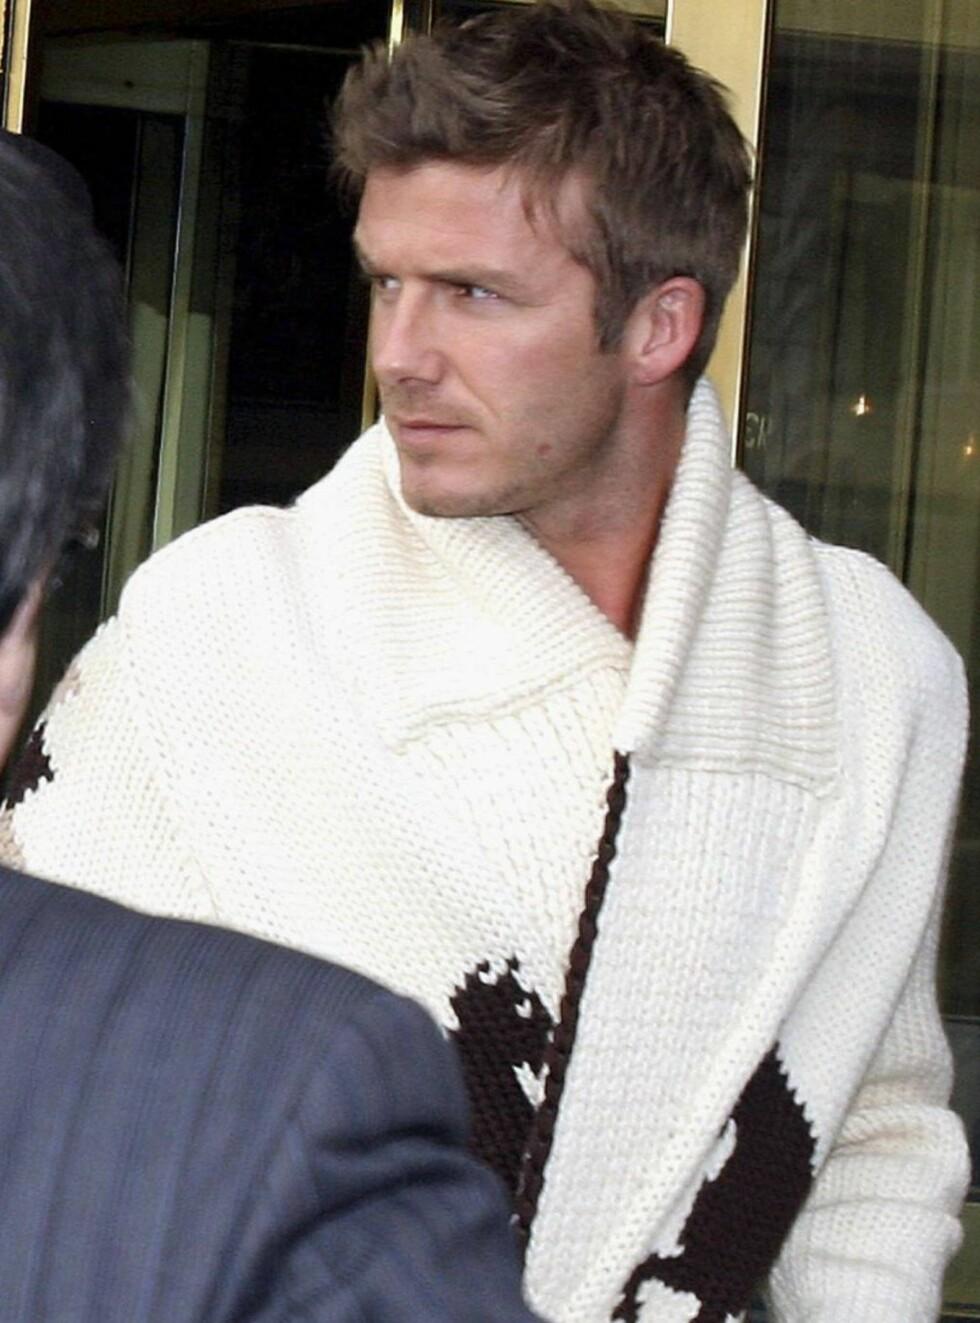 MISFORNØYD: David trives i Madrid og vil ikke flytte til Malibu. Foto: All Over Press